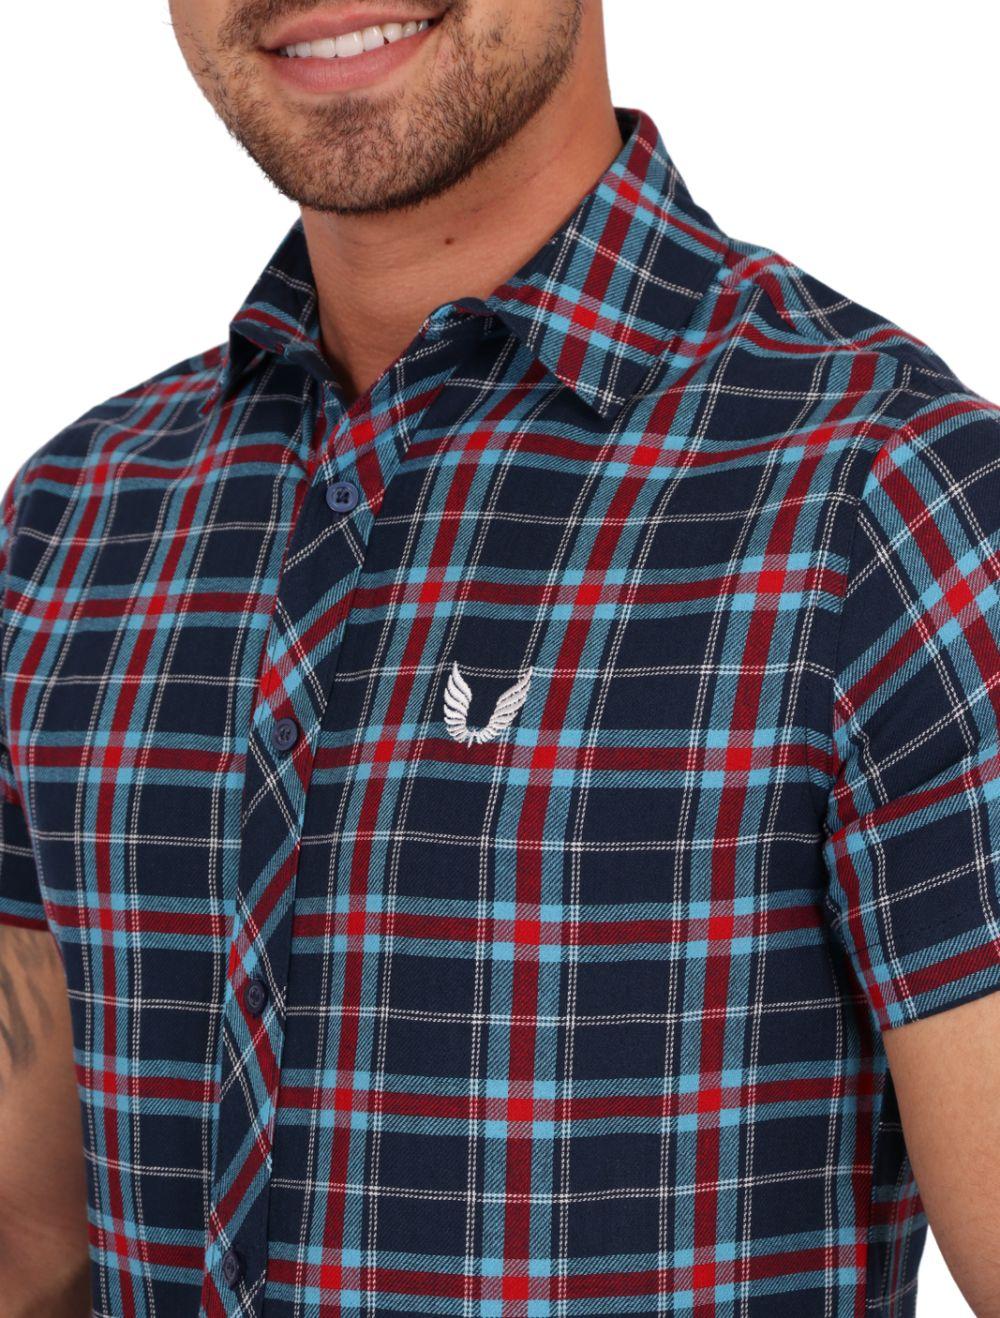 Camisa Masculina Manga Curta Xadrez Azul Marinho